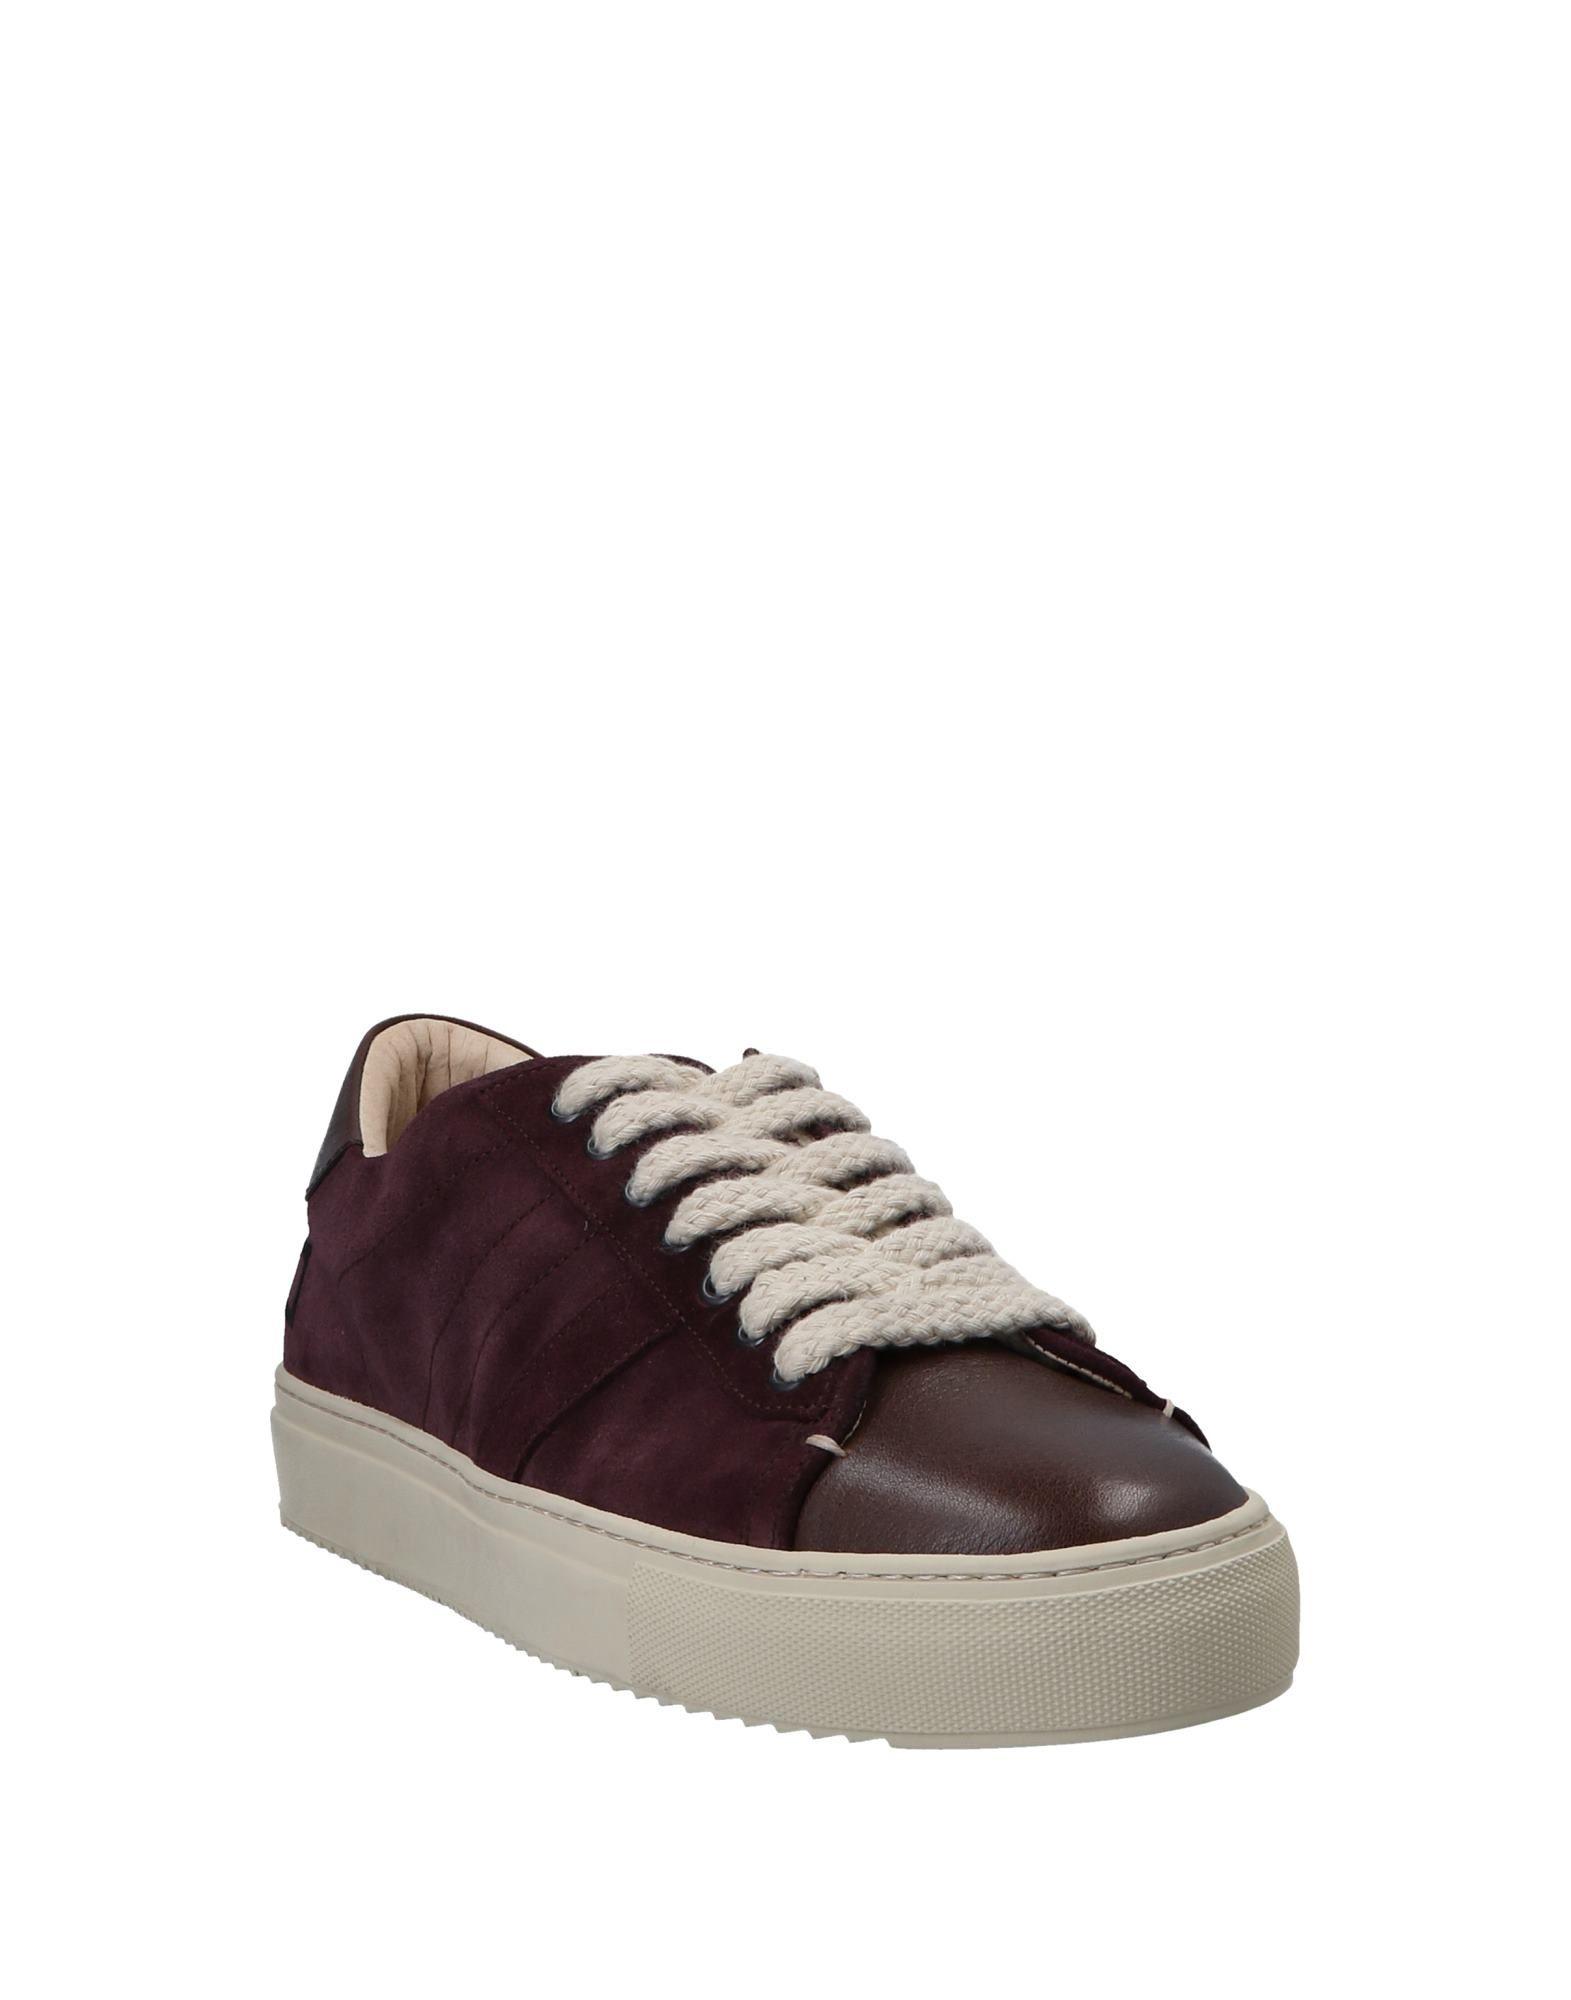 Rabatt D.A.T.E. echte Schuhe D.A.T.E. Rabatt Sneakers Herren  11233040LH ec8f0b